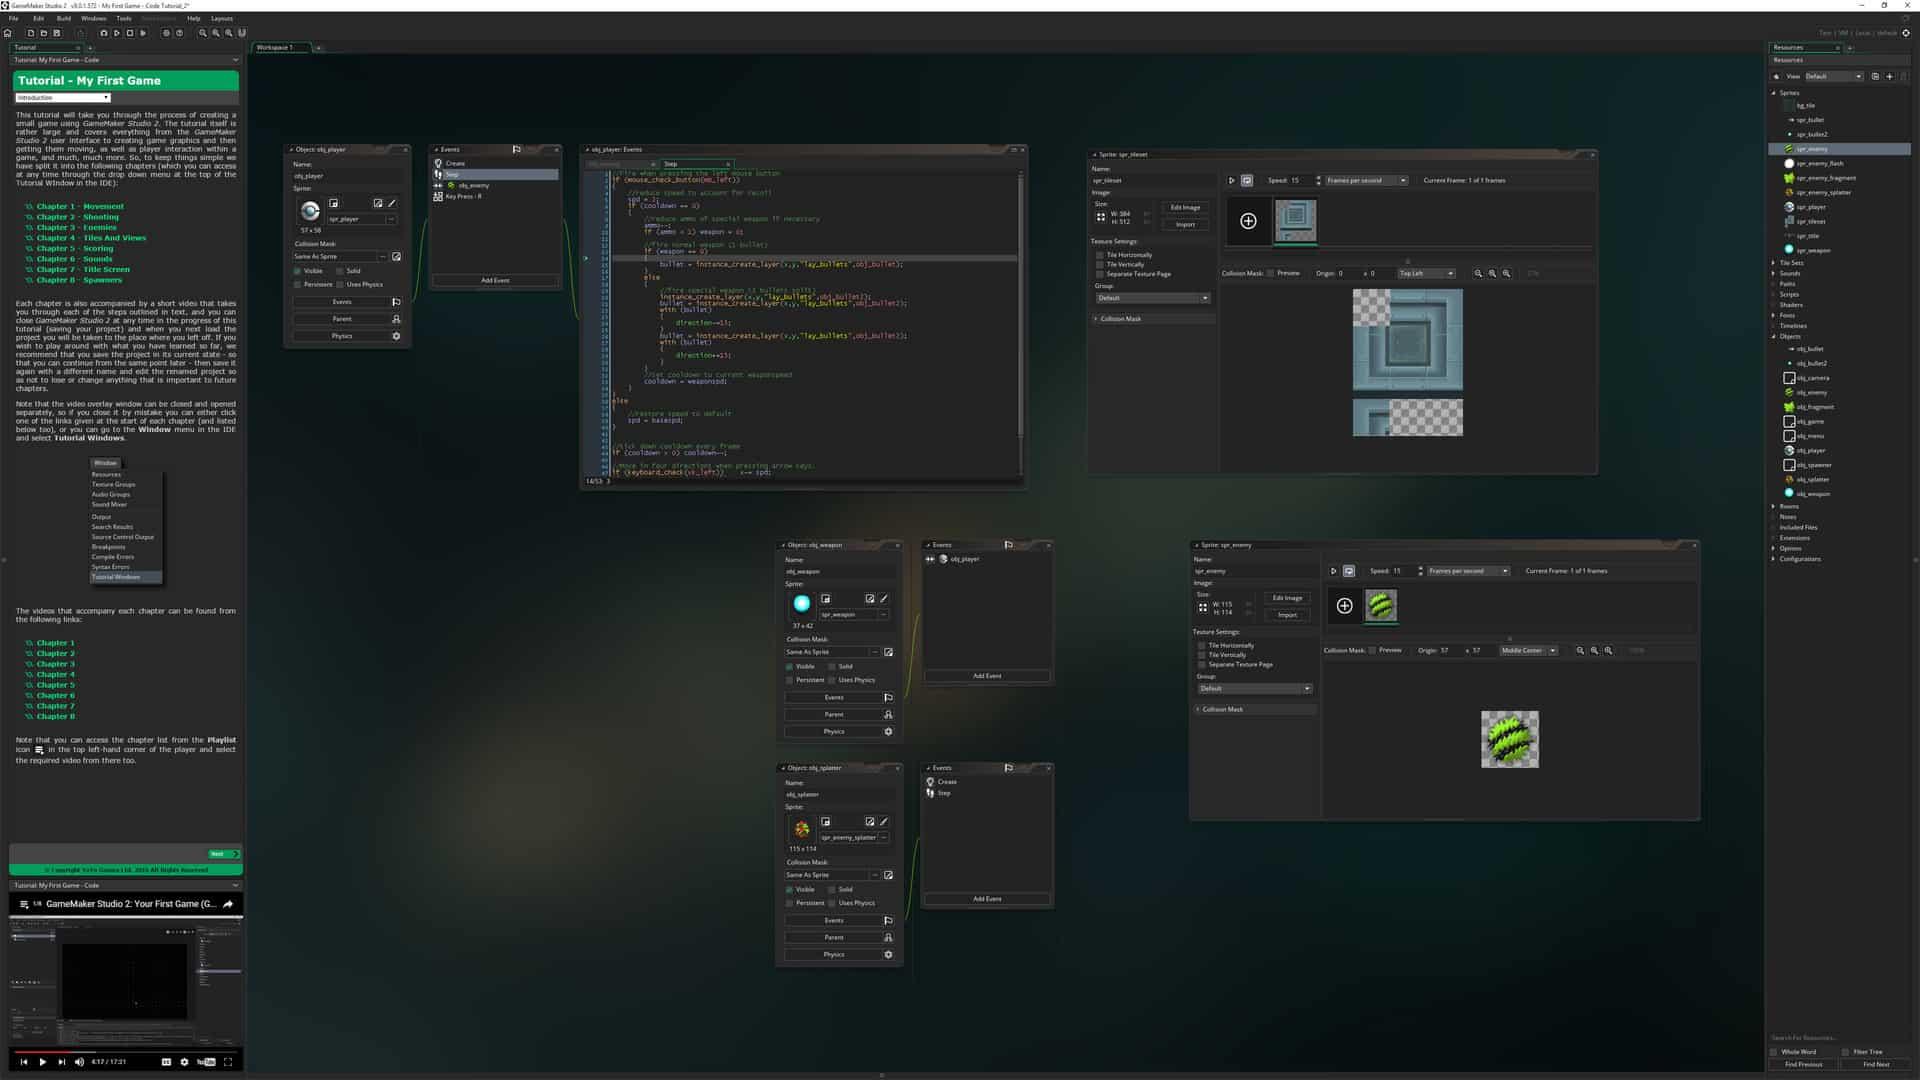 گیم میکر استودیو نسخه ۲